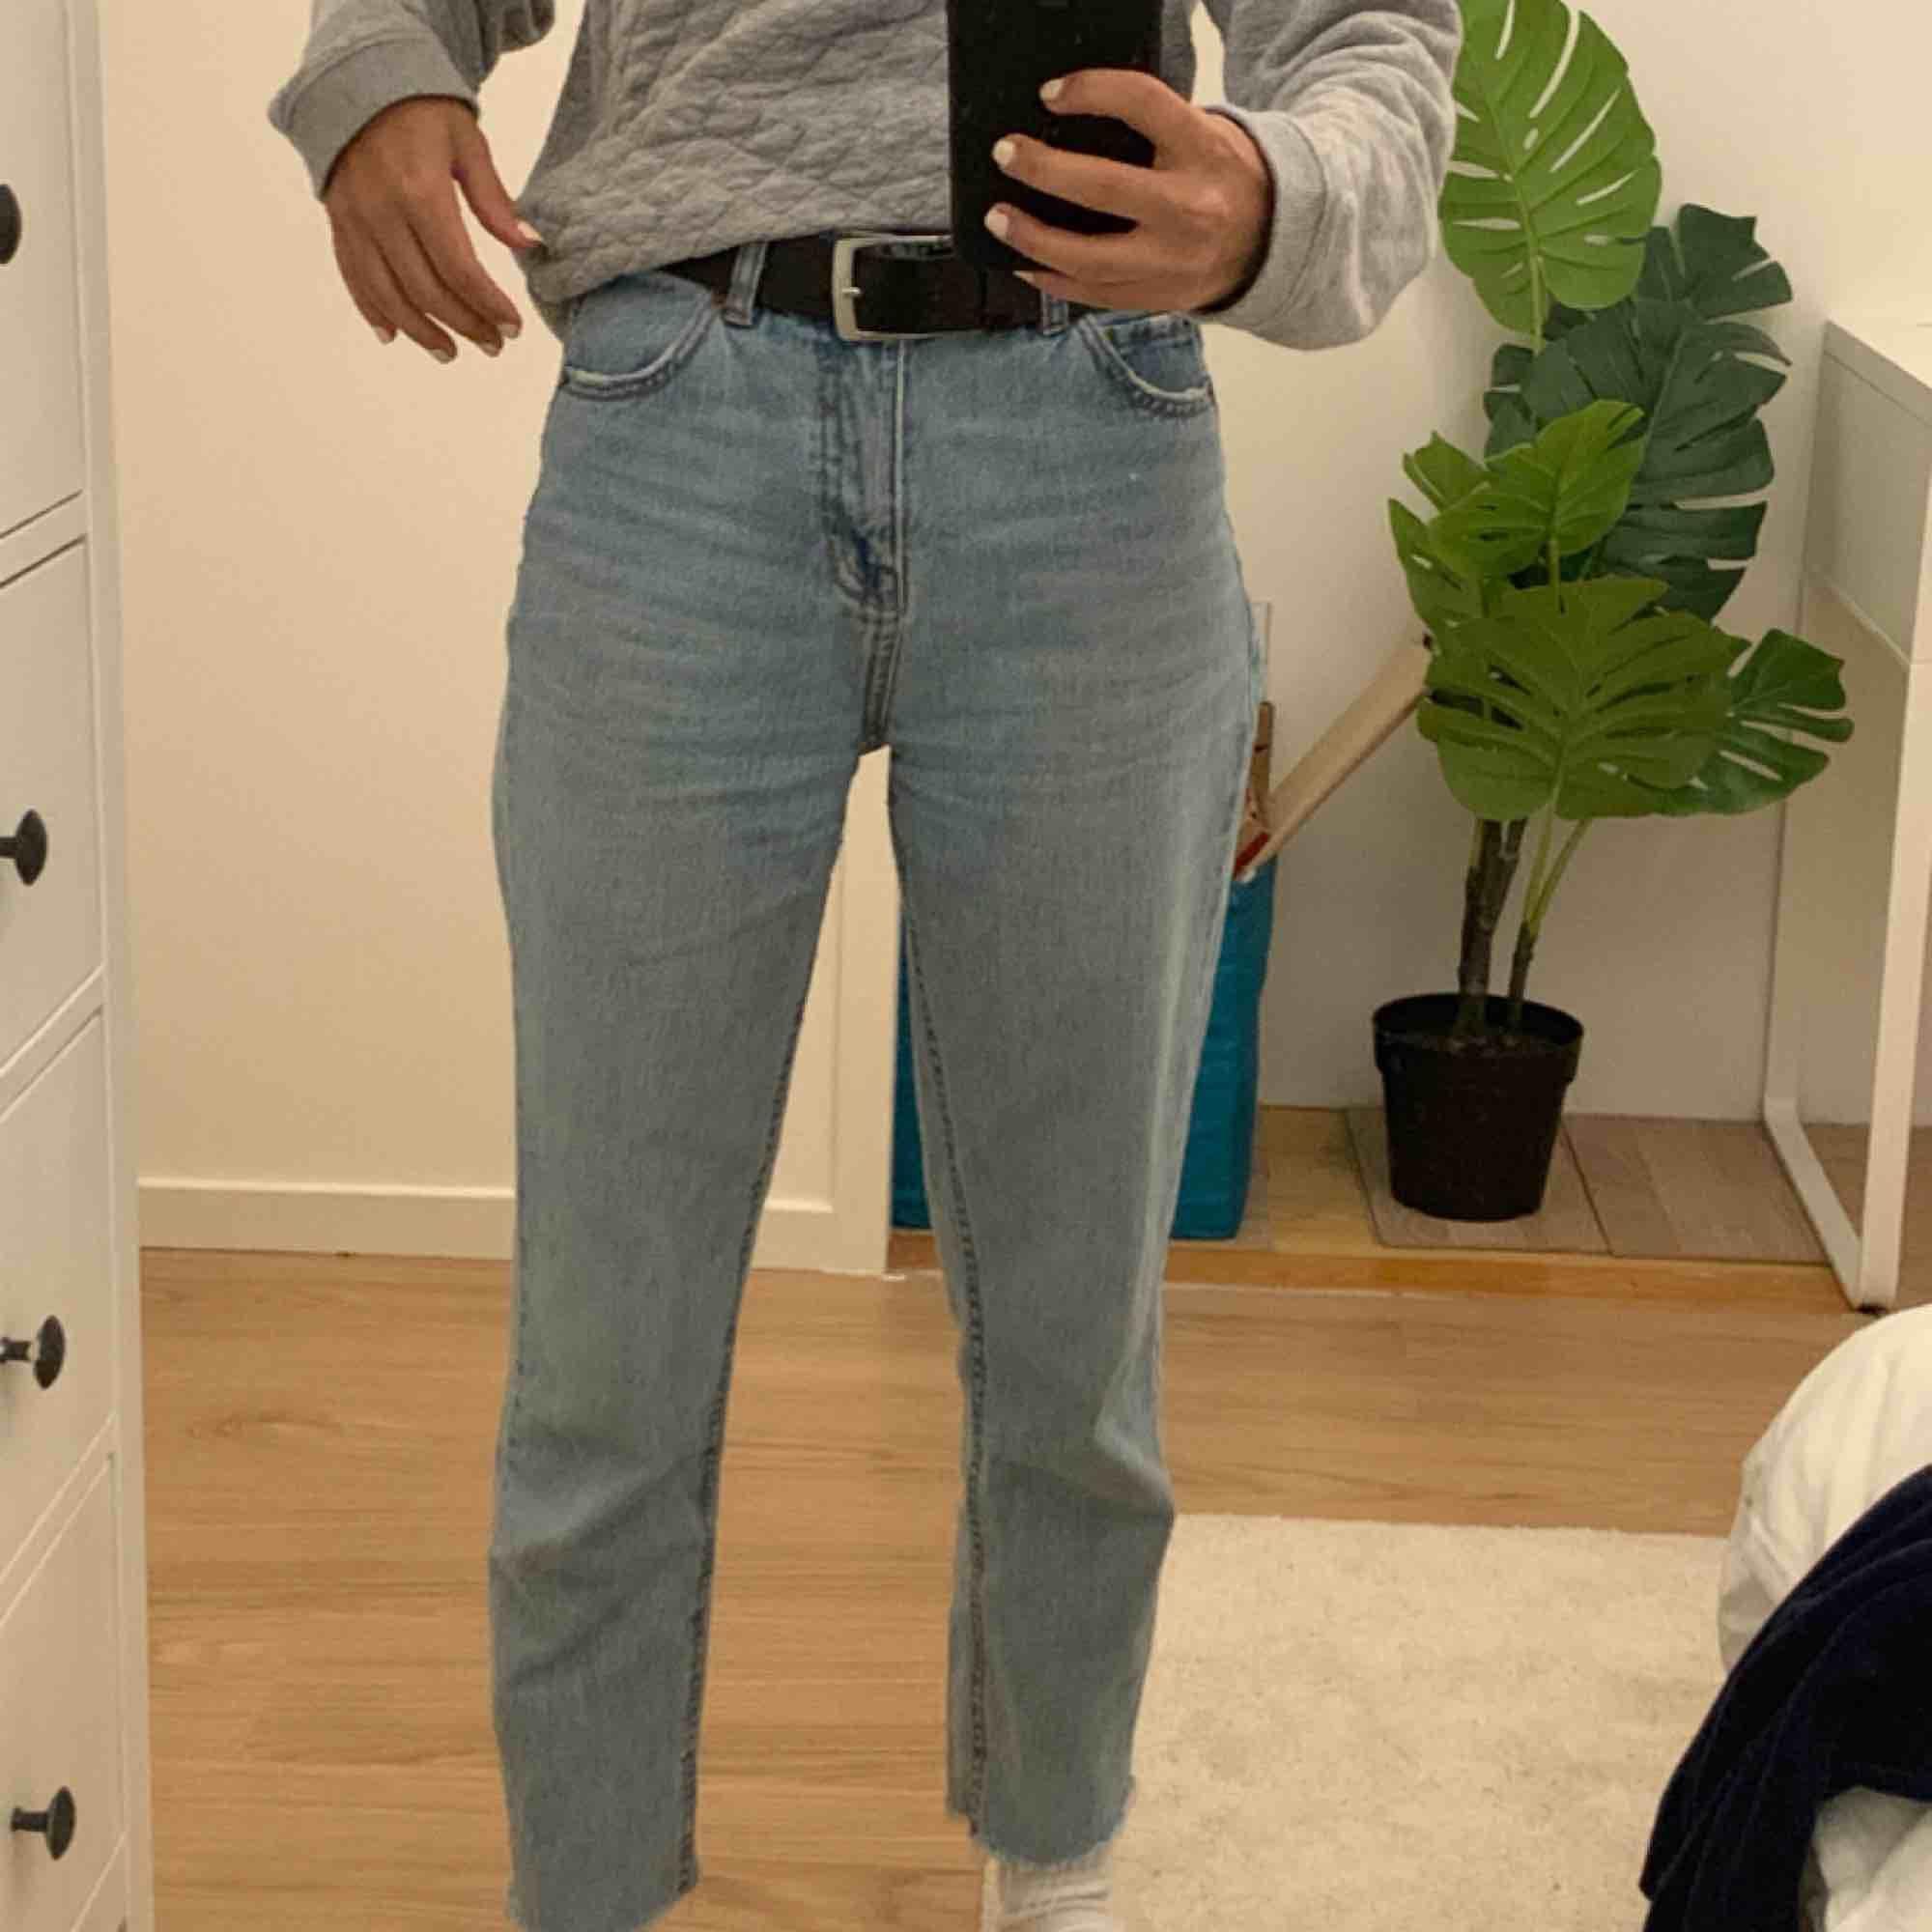 Säljer mina absolut favorita ljusblåa retro jeans från Pull n Bear. En riktig must have✨💕 Använt flera gånger men är fortfarande i bra skick. Liknar Levi's 501:s. . Jeans & Byxor.